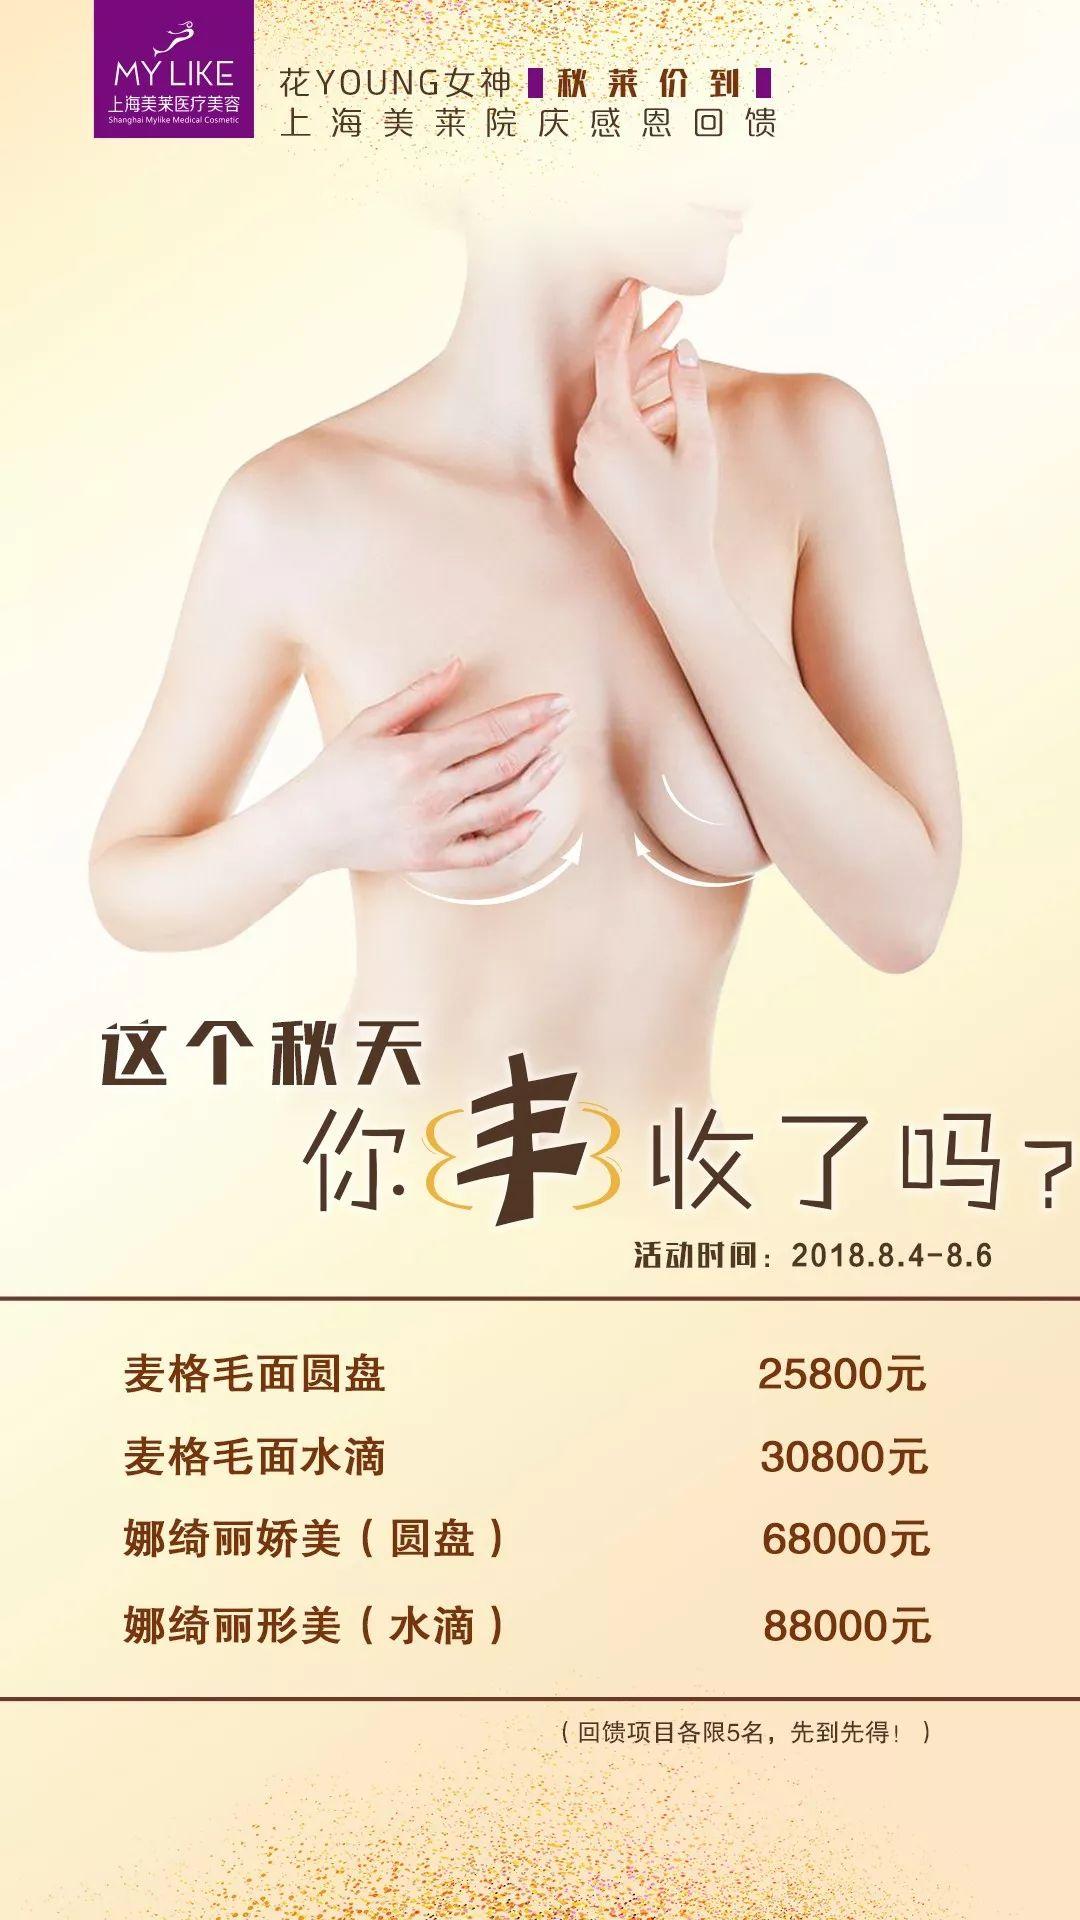 【花YOUNG女神•秋莱价到】上海美莱院庆感恩回馈!